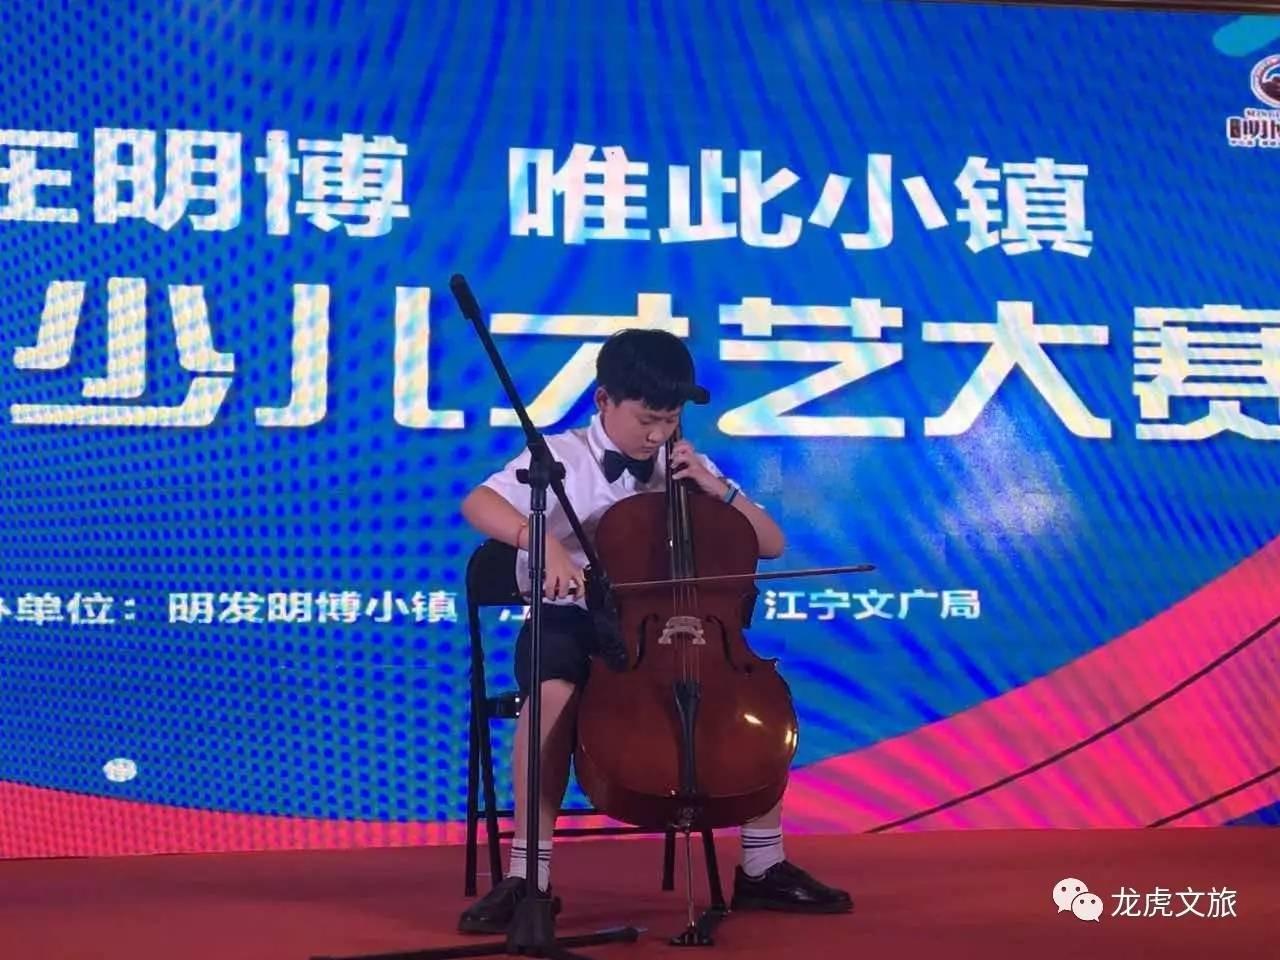 ▼3李新禹 大提琴独奏《鸿雁》